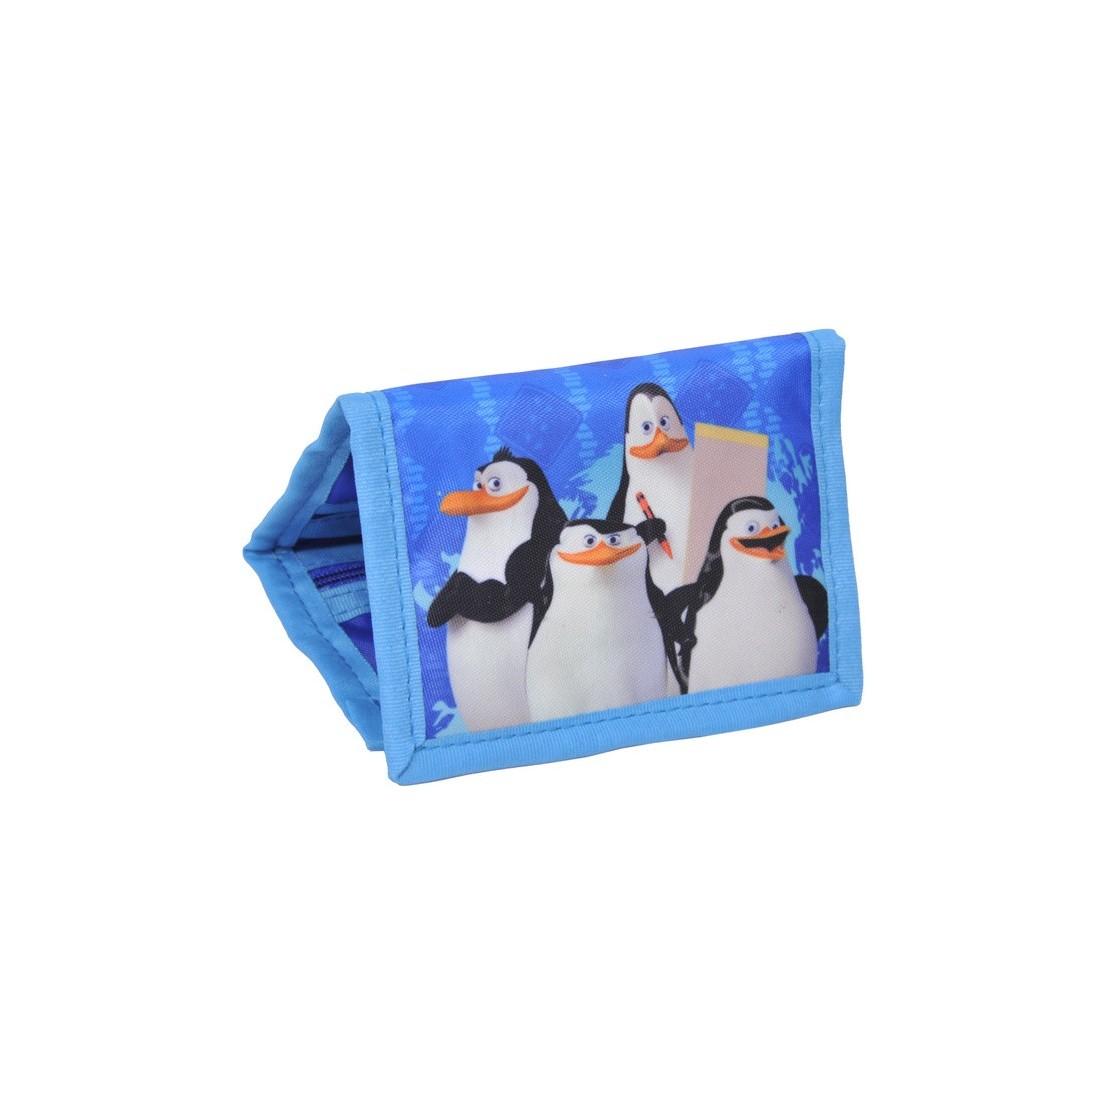 Portfel dziecięcy Pingwiny z Madagaskaru - plecak-tornister.pl